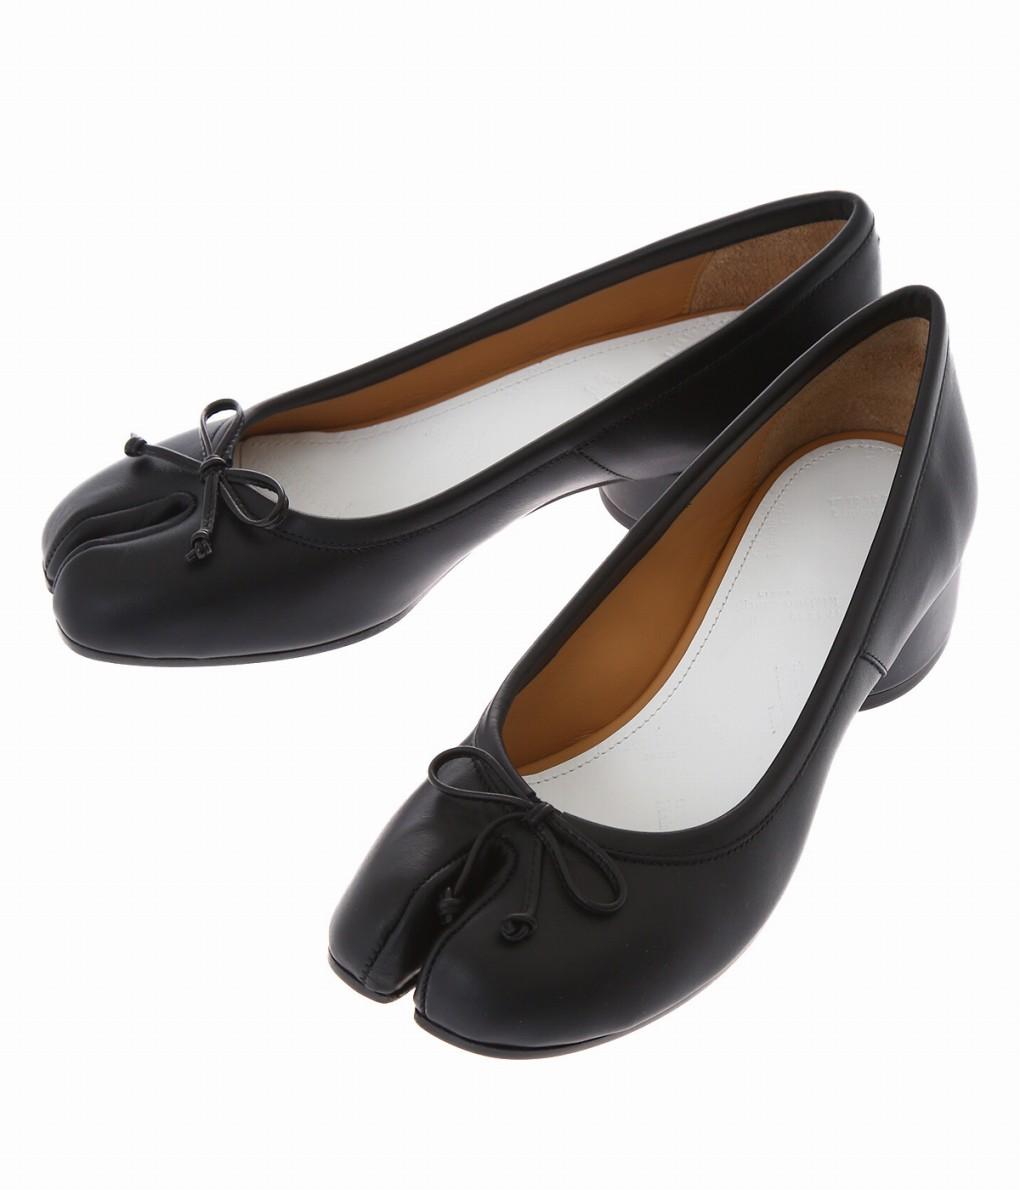 Maison Margiela / メゾン マルジェラ : 【レディース】TABI BALLET SHOES-3cm Heel- : メゾン マルジェラ タビ バレット シューズ 3センチ ヒール レディース : S58WZ0044-T8013【ANN】